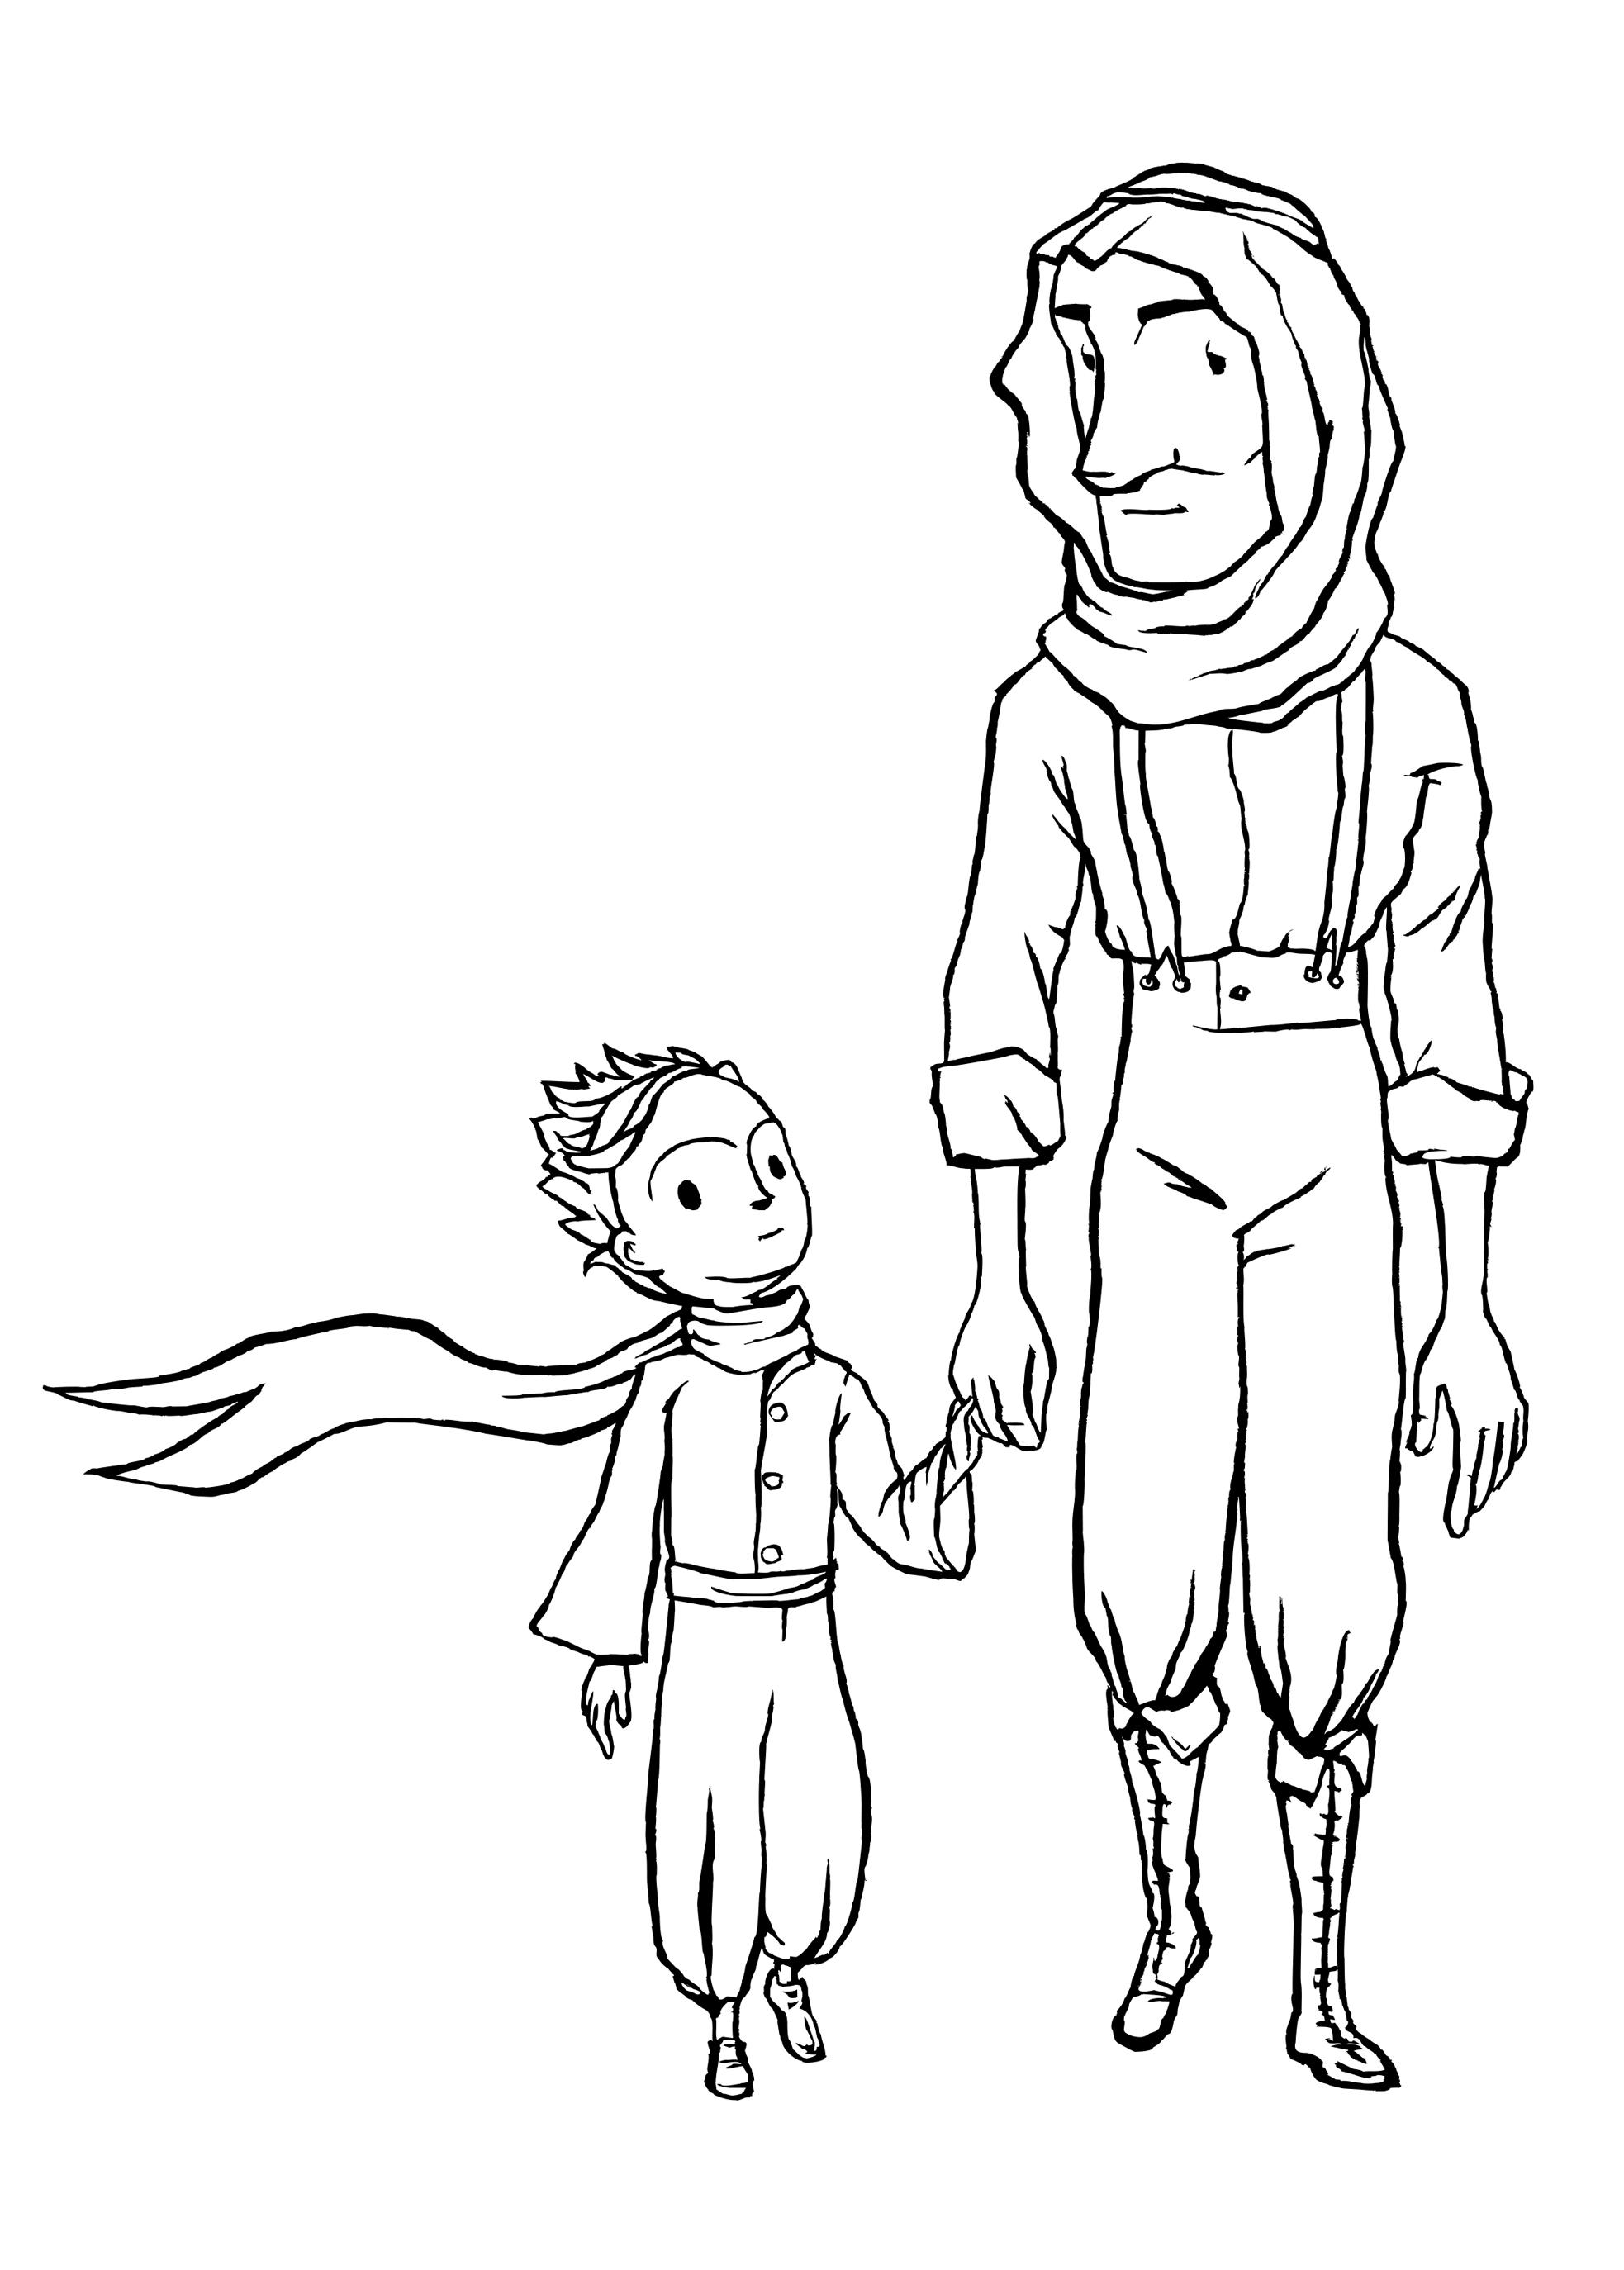 картинки раскраски к маленькому принцу можете скачать бумажный